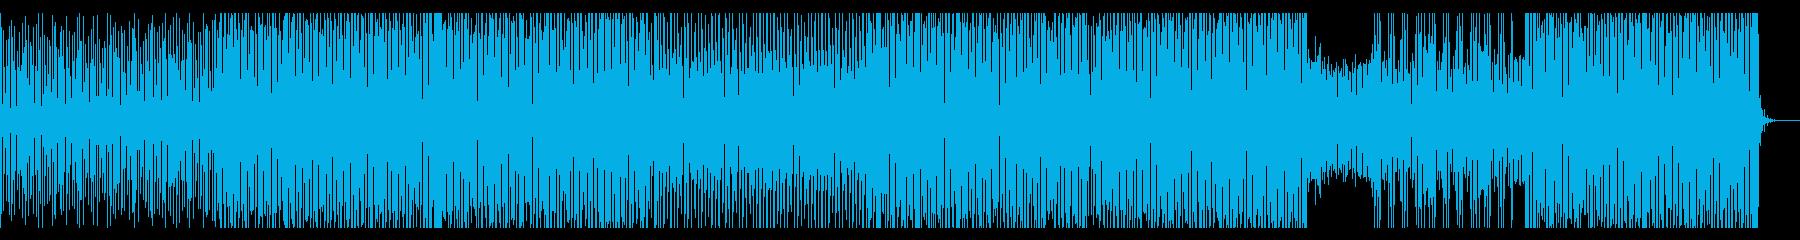 疾走感のあるピアノEDMの再生済みの波形